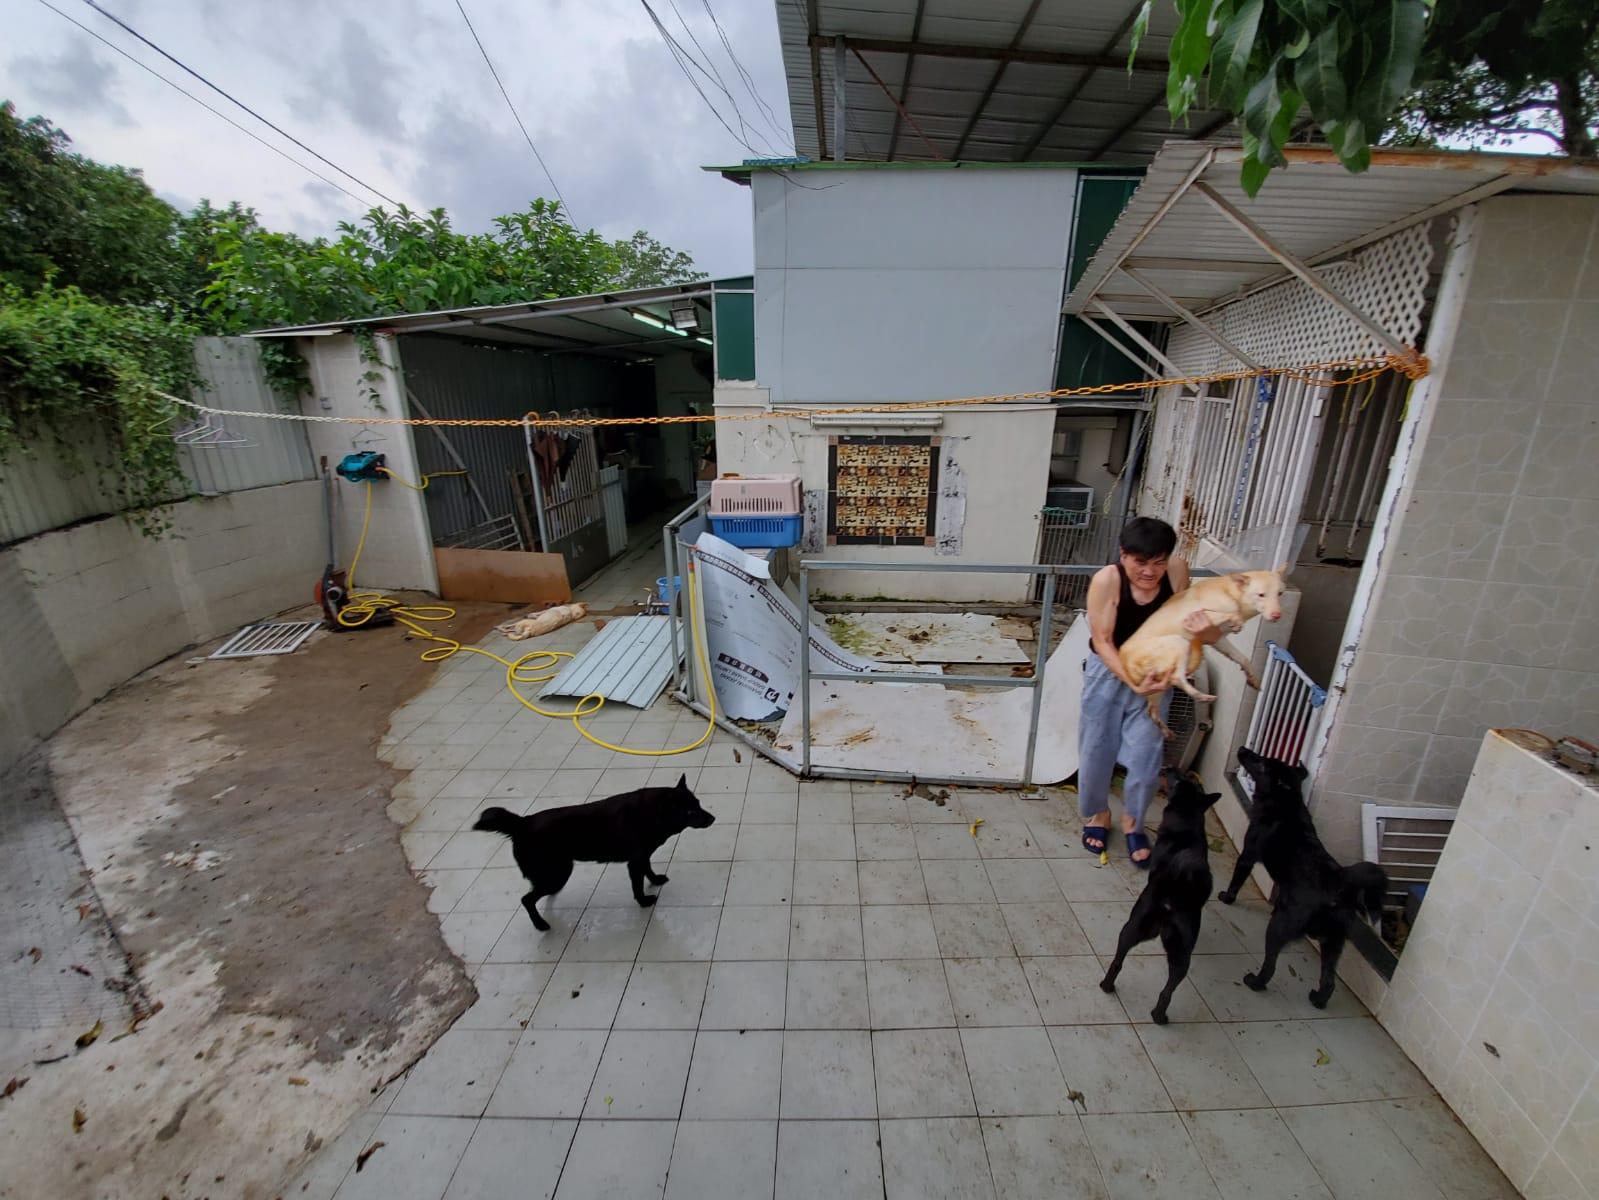 坪輋現虐狗狂徒,八狗疑遭落毒。